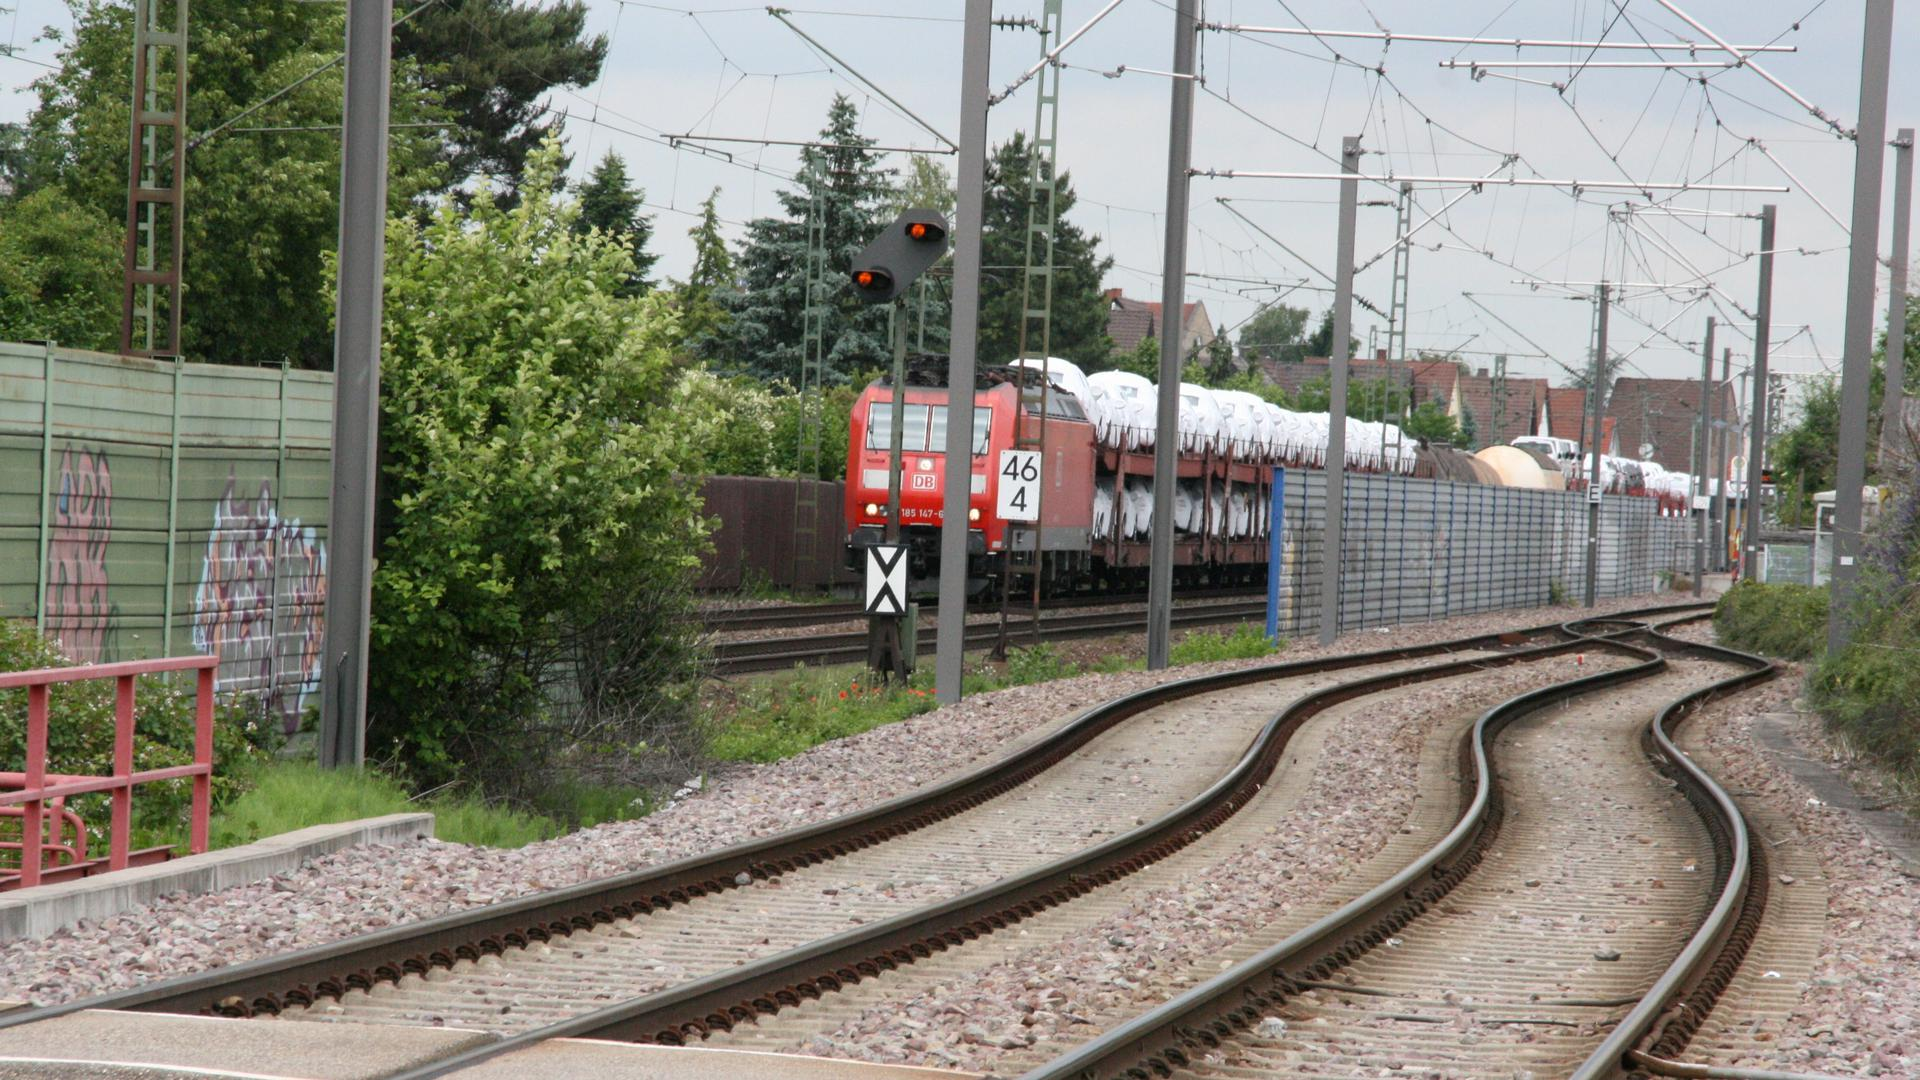 Auch kein Platz: In Friedrichtsal führt die Bahnstrecke mitten durch den Ort. Platz für zusätzöliche Gleise sieht die Bahn da nicht mehr.